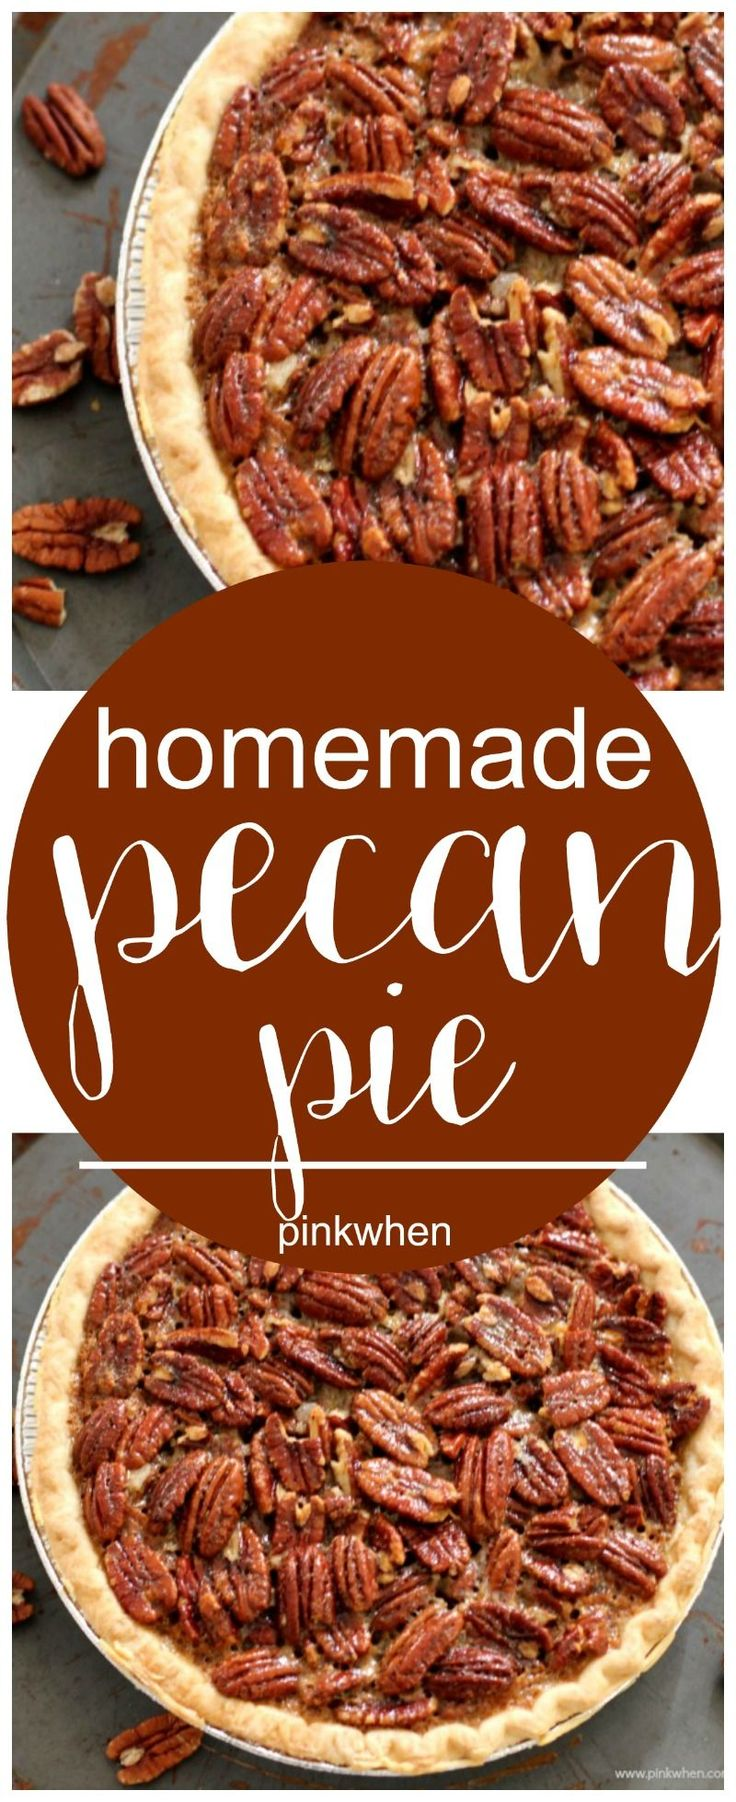 Homemade Pecan Pie Recipe - a perfect Thanksgiving dessert or Chrismtas dessert idea | Pinkwhen